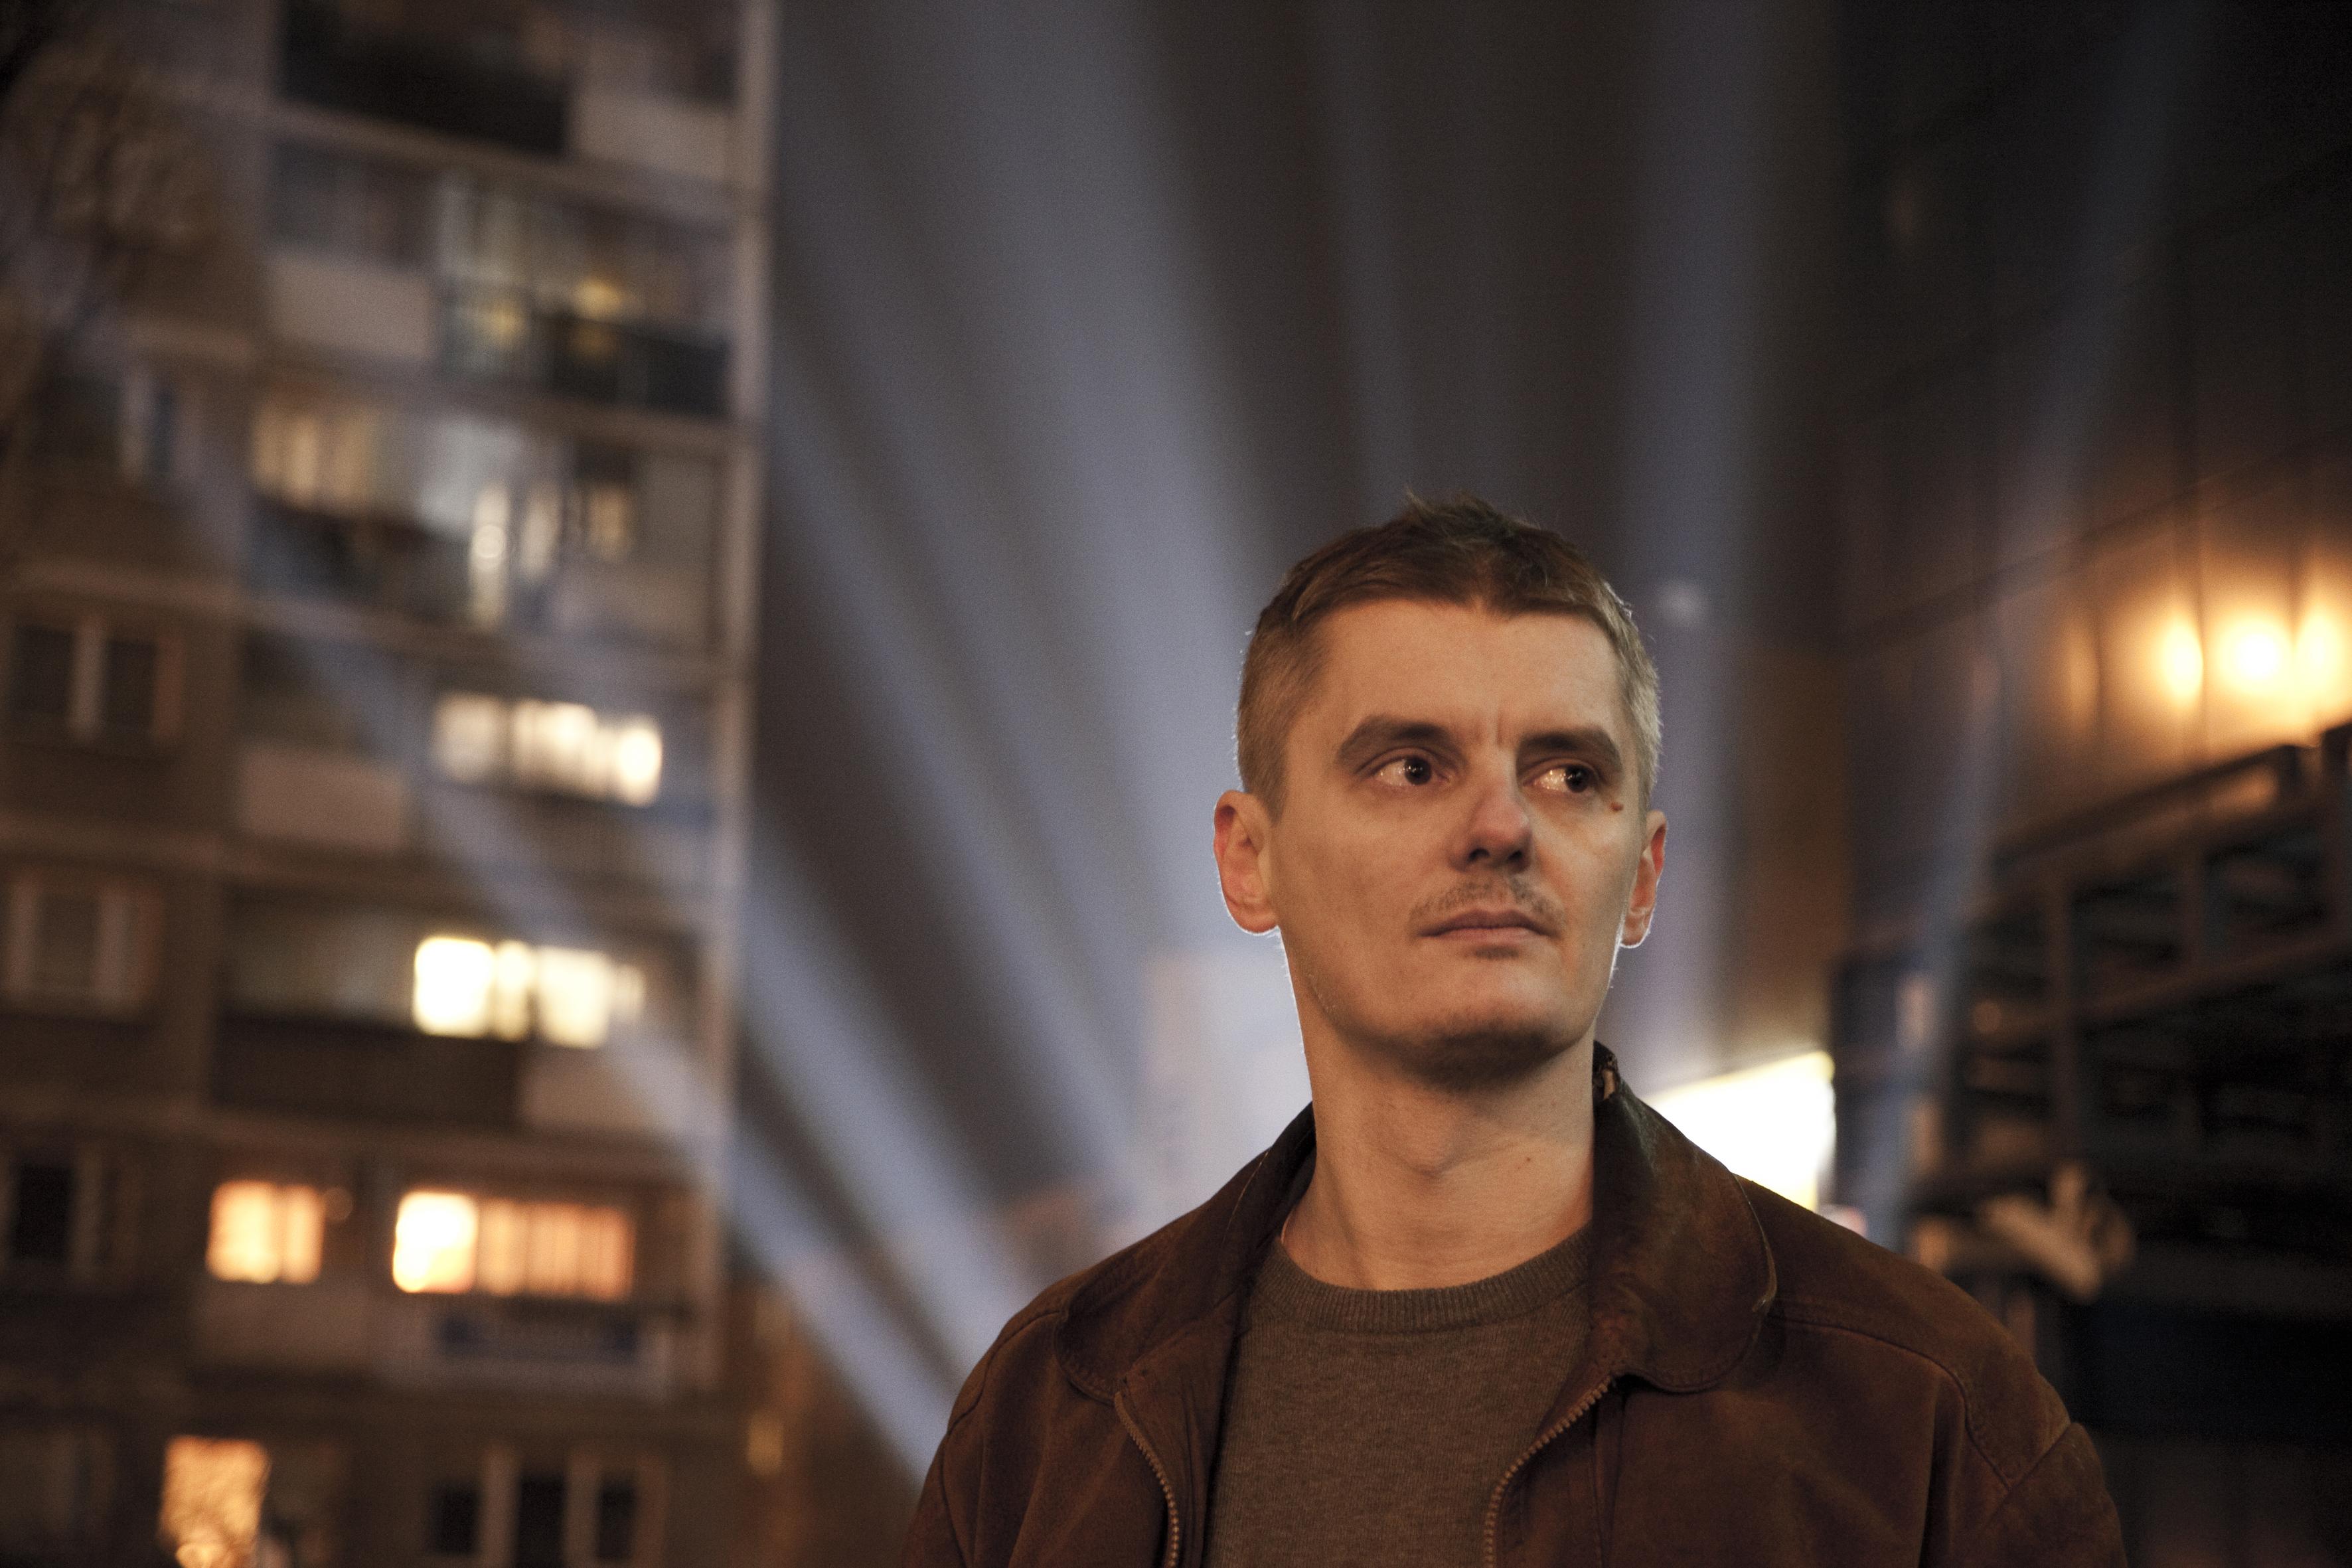 Jacek Sienkiewicz, fot. Szymon Rogiński. Materiały udostępnione przez organizatora